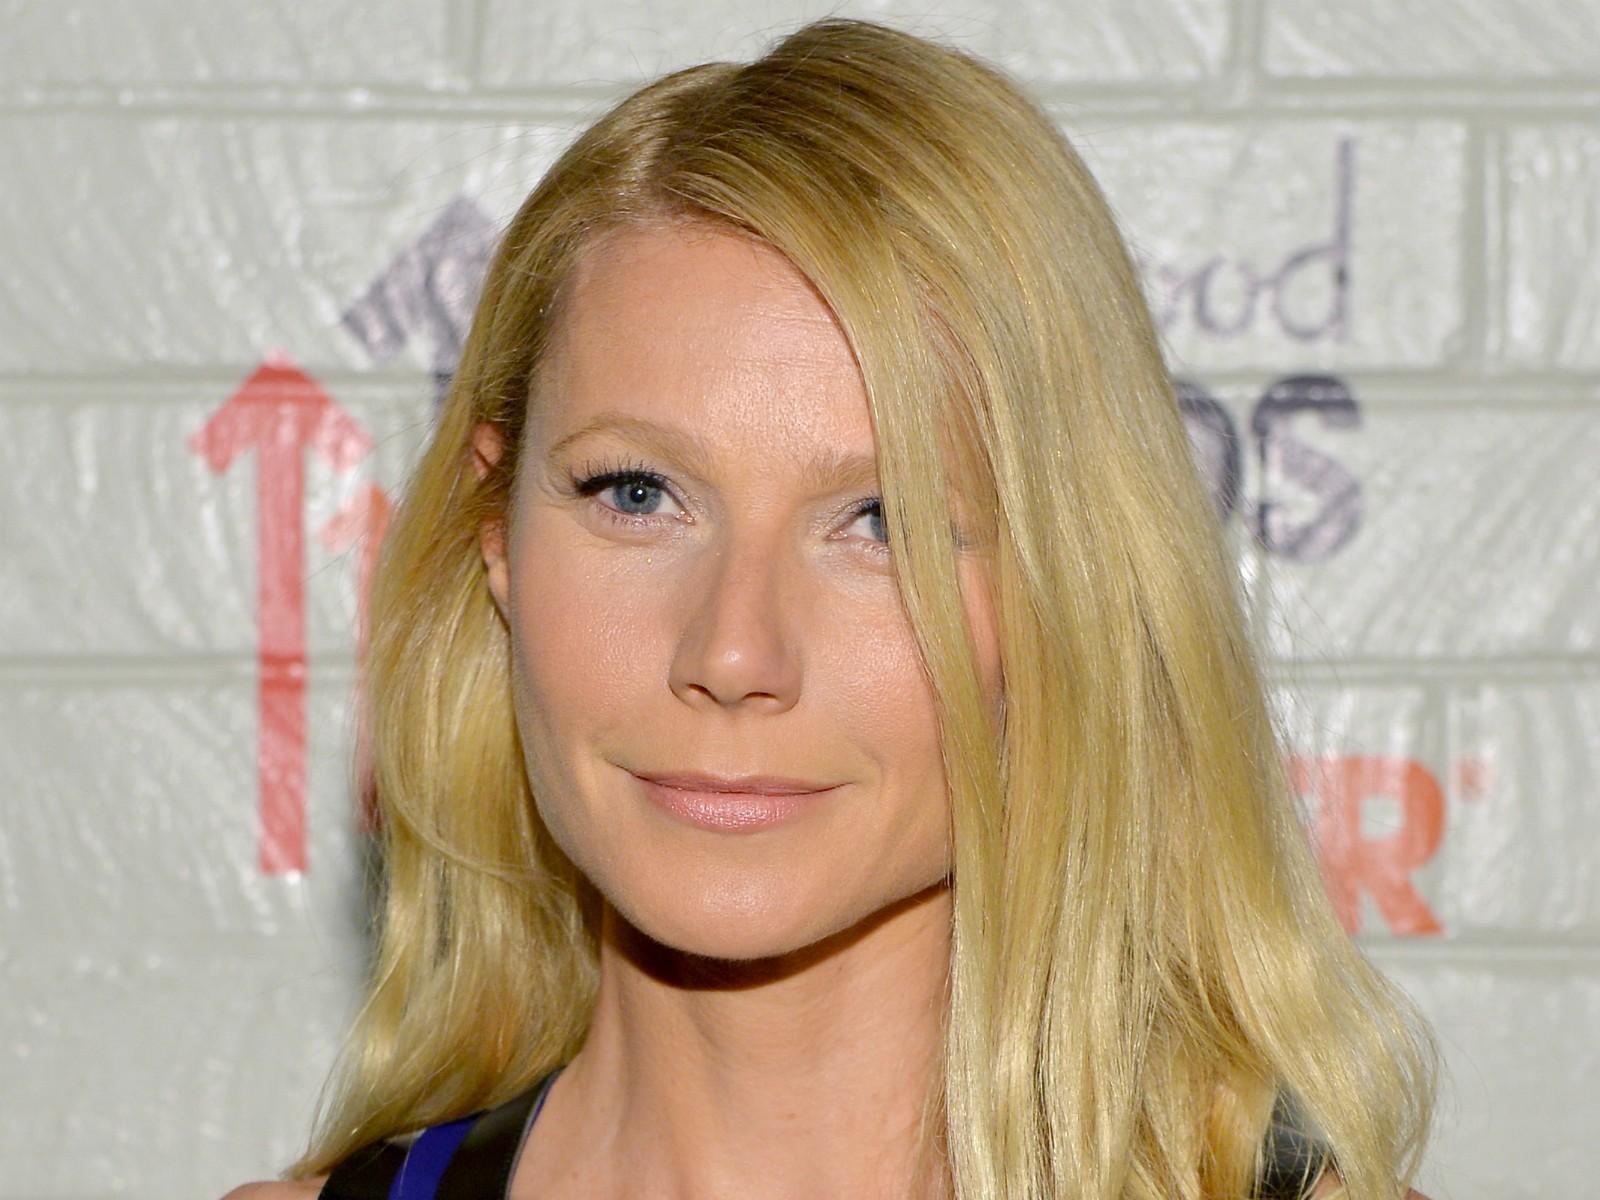 """""""Eu sou eu mesma. Não posso fingir que sou alguém que ganha [só] 25 mil dólares por ano"""" — Gwyneth Paltrow à 'Elle' britânica em 2009. À época, o valor citado equivalia a cerca de 49 mil reais. (Foto: Getty Images)"""